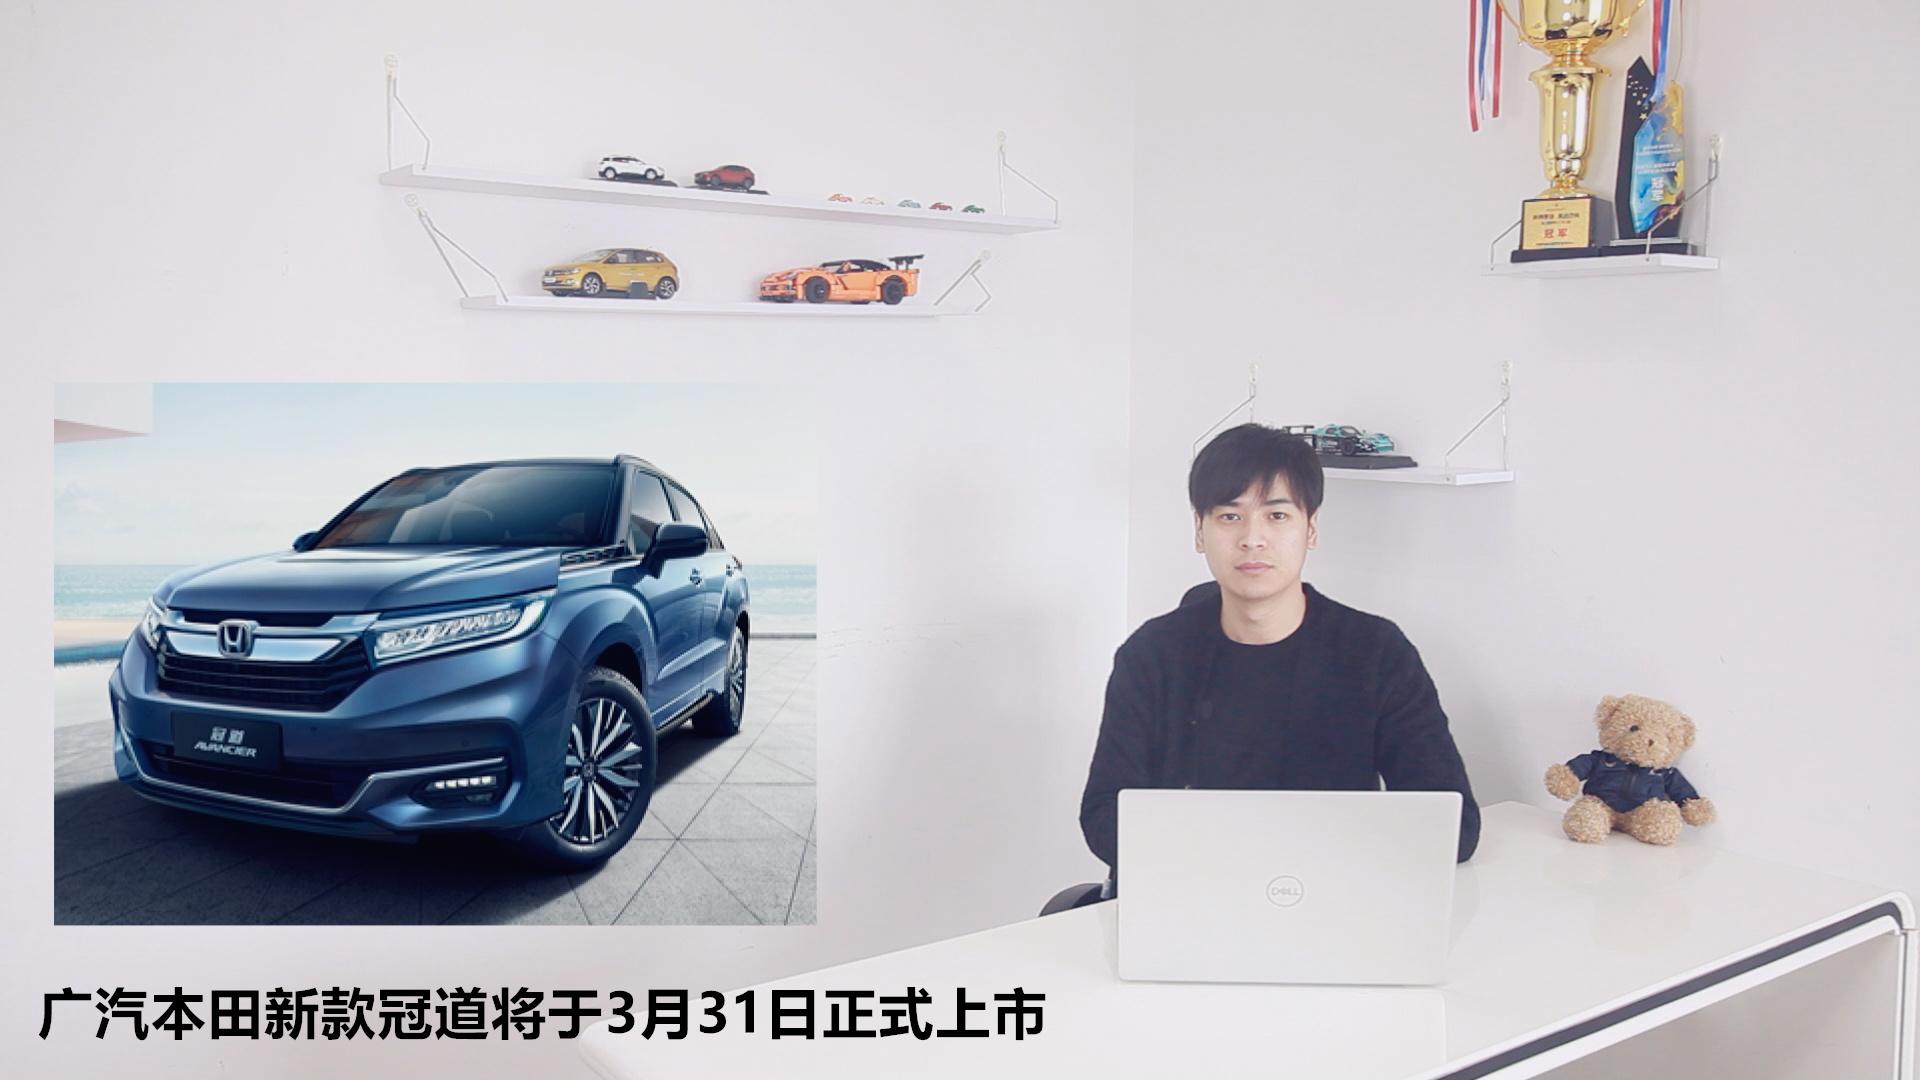 广汽本田新款冠道将于3月31日正式上市